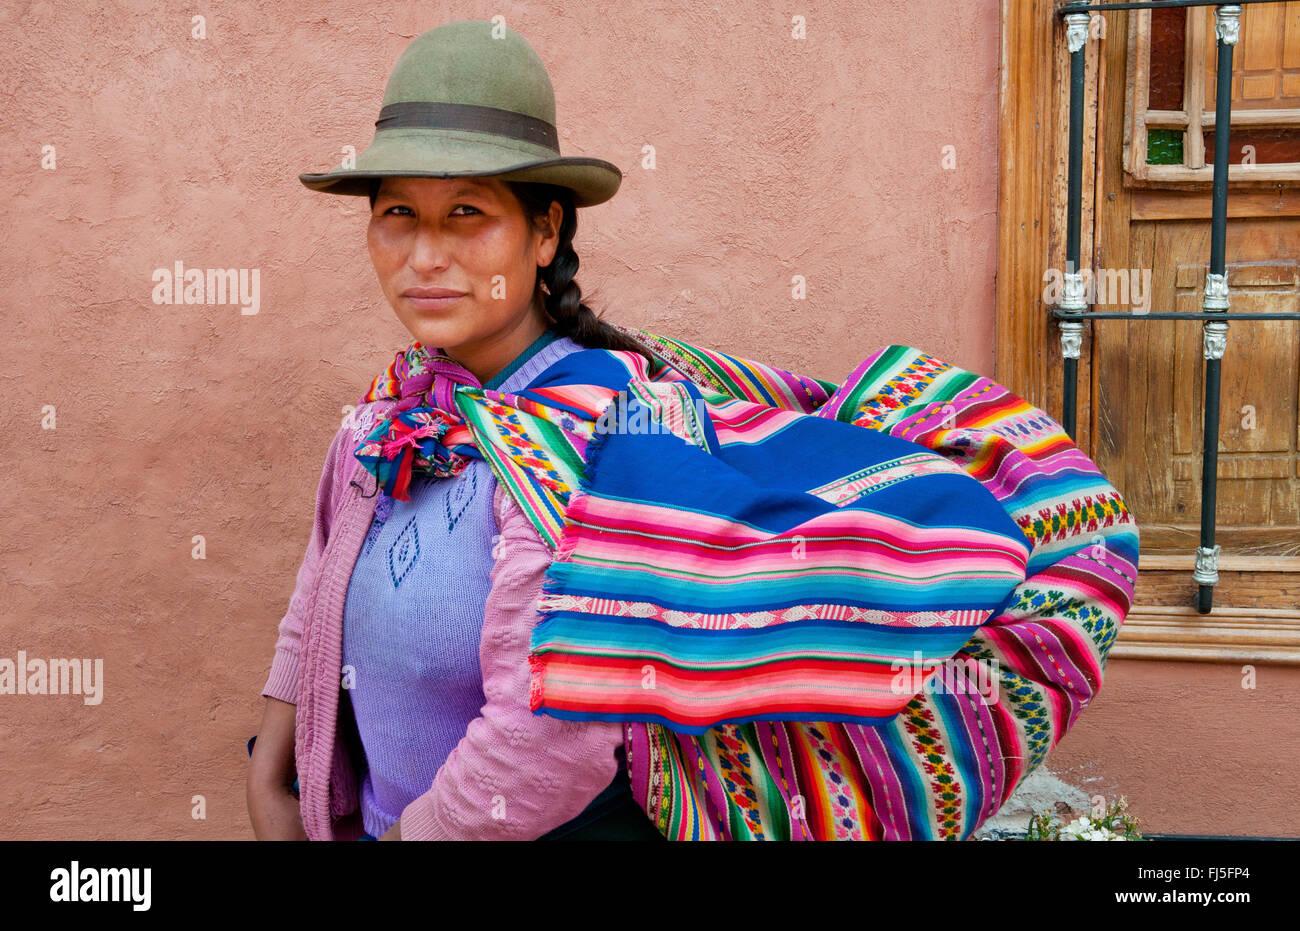 Femme en costume traditionnel de ferroutage portant son bébé dans une écharpe, portrait, Pérou, Photo Stock